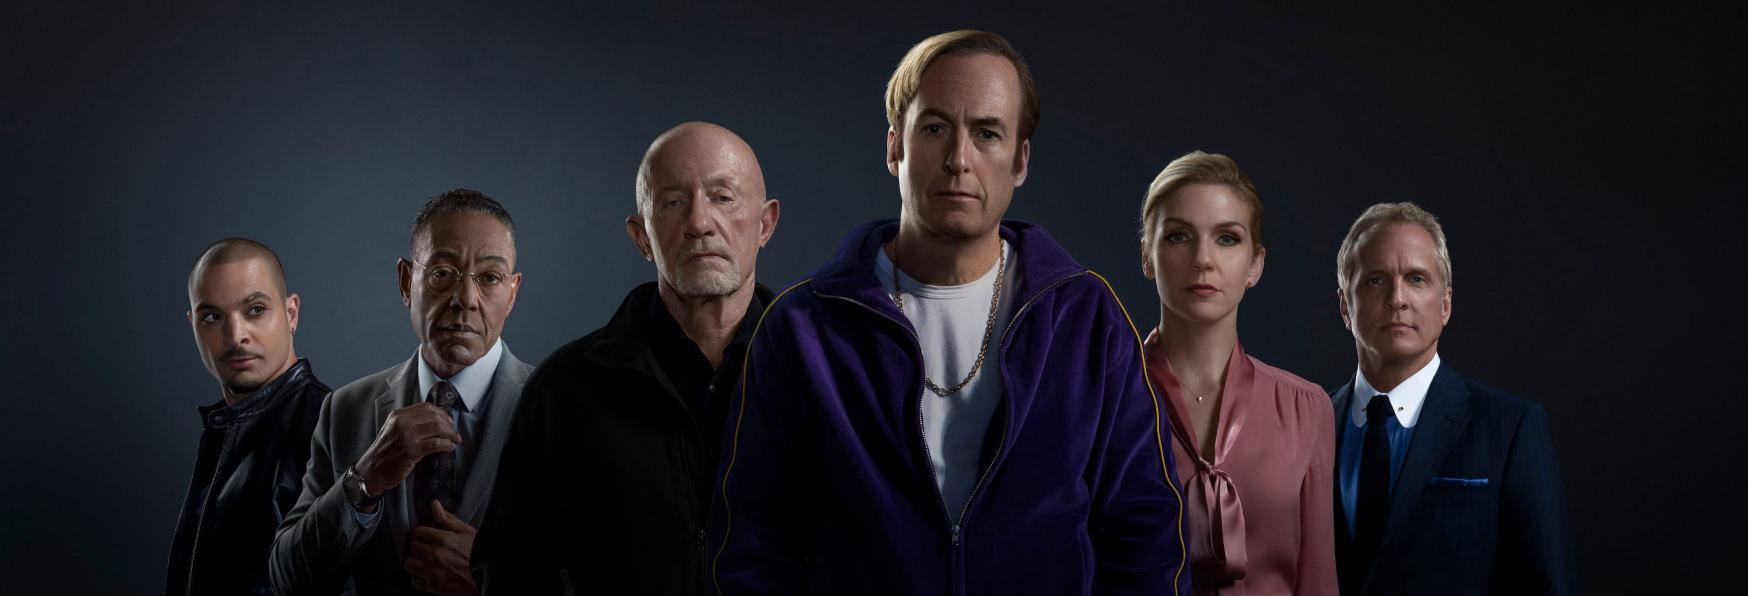 Better Call Saul 5: la Recensione del 4° Episodio di Questa Stagione